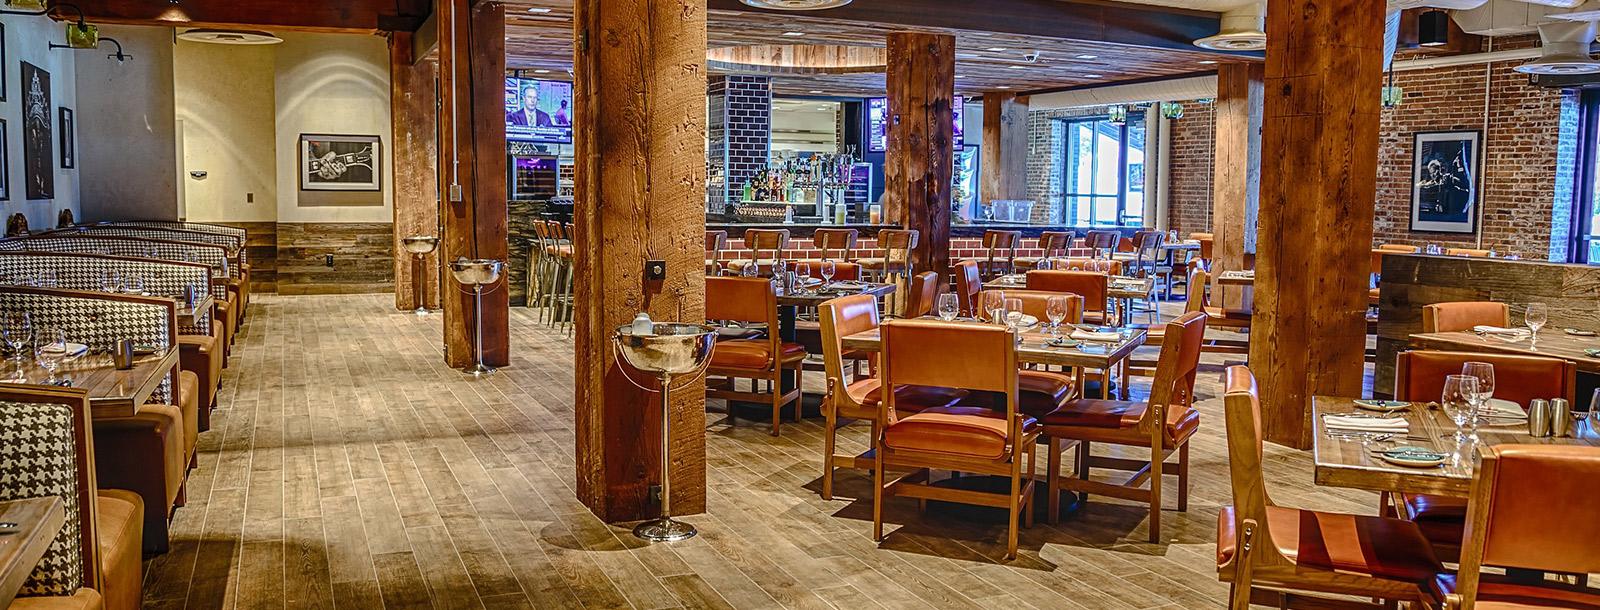 main abbey sioux city restaurant